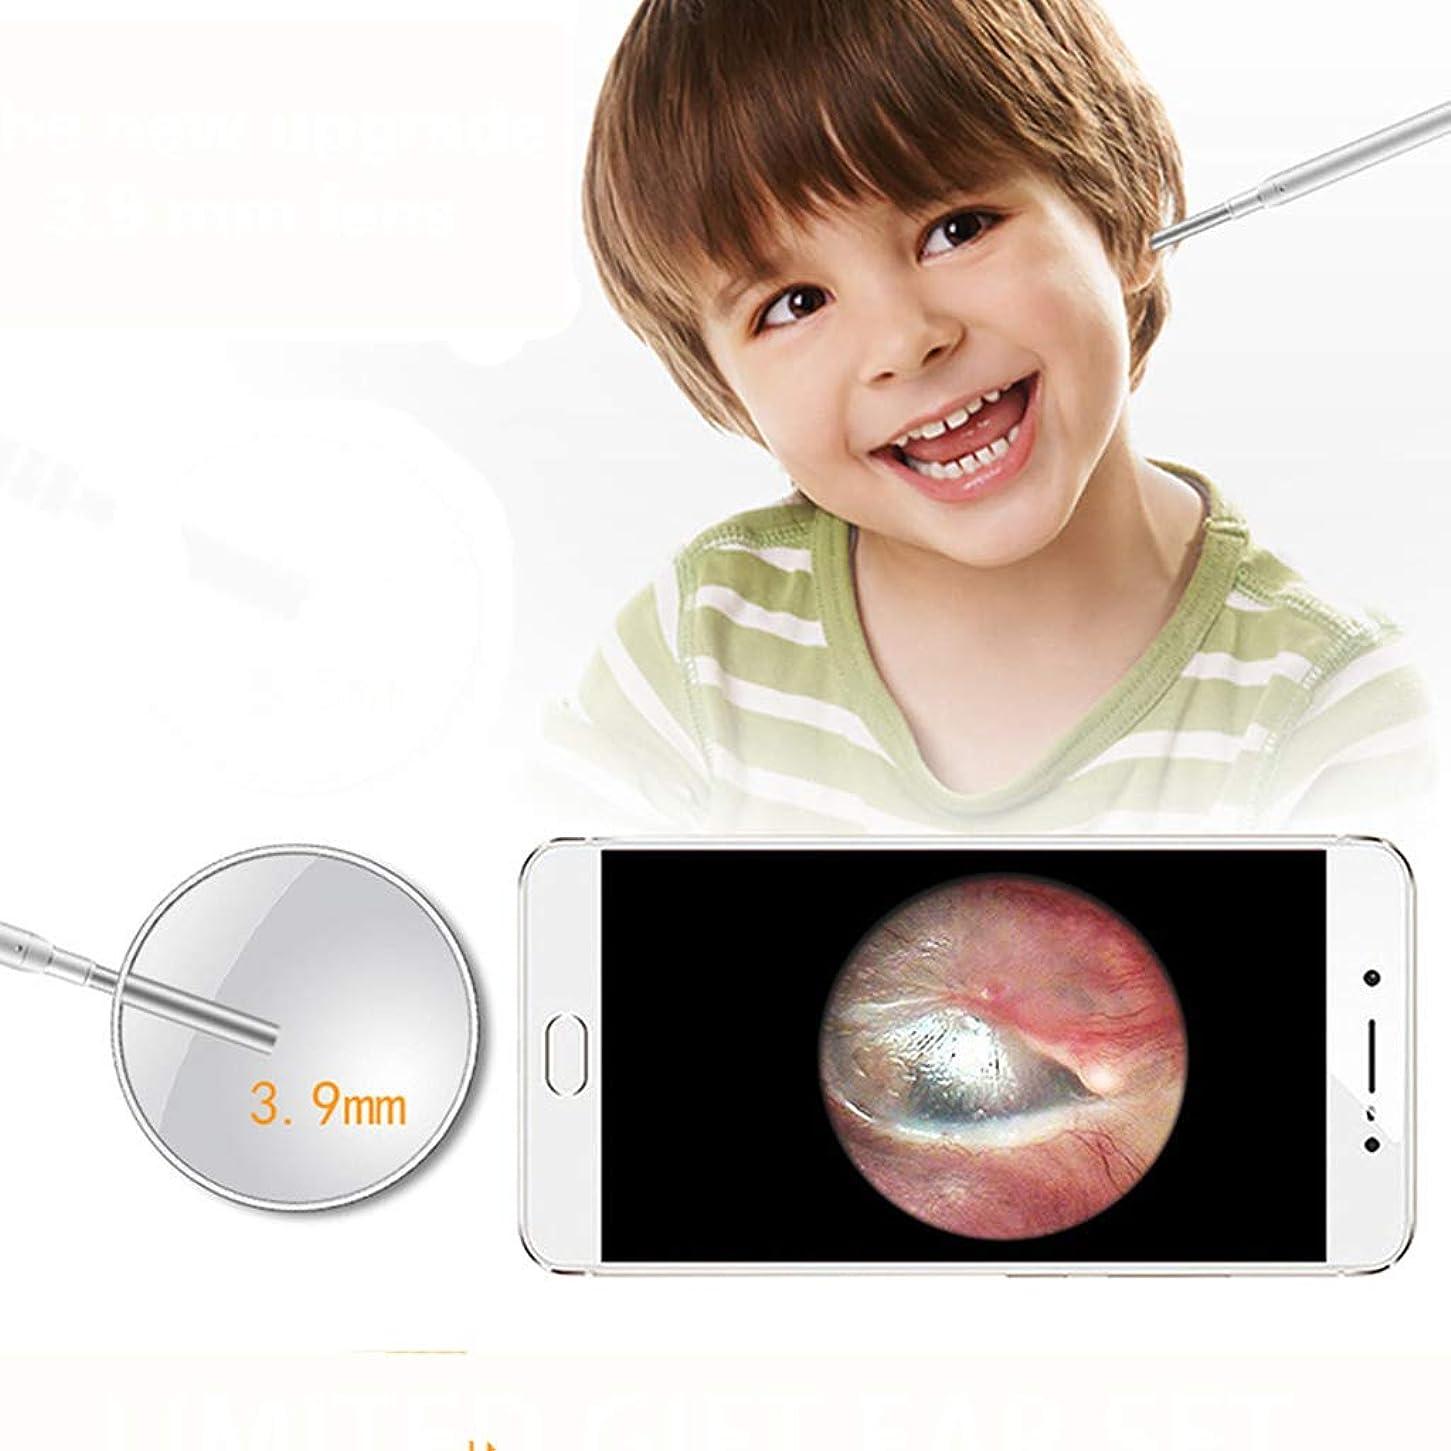 重要性尋ねる減るワイヤレスOtoscopeオーラルケア内視鏡耳掃除検査カメラIP67は、Android、iPad、IOS、PC用の6つのLedを備えた1.0MP HDボアスコープを防水します